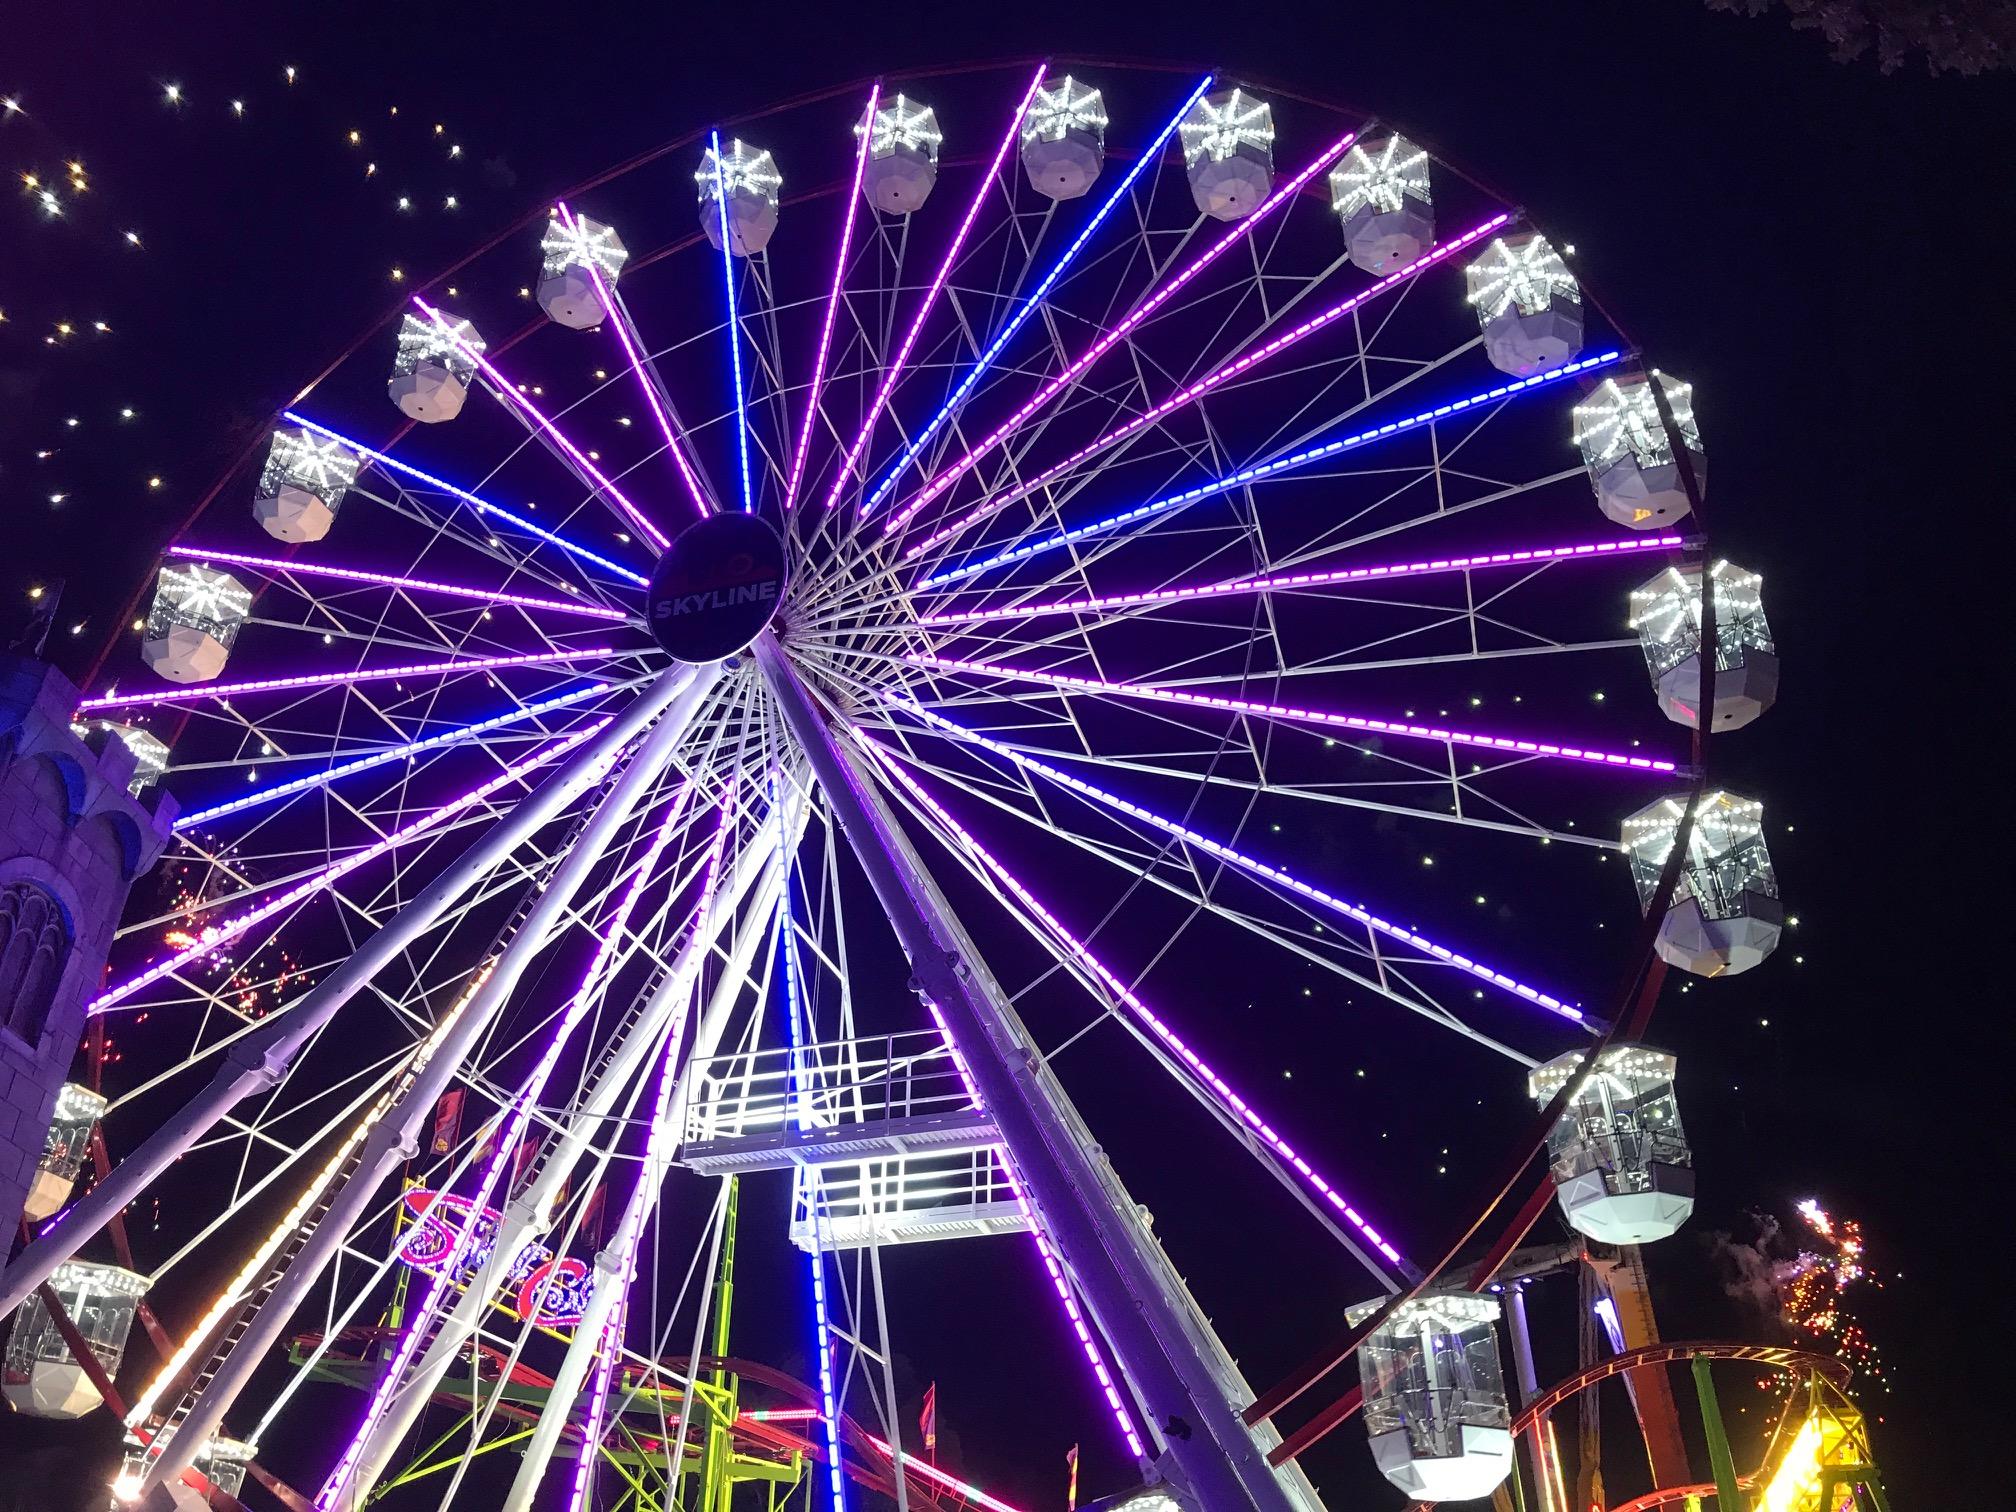 Saint Kilda Ferris Wheel